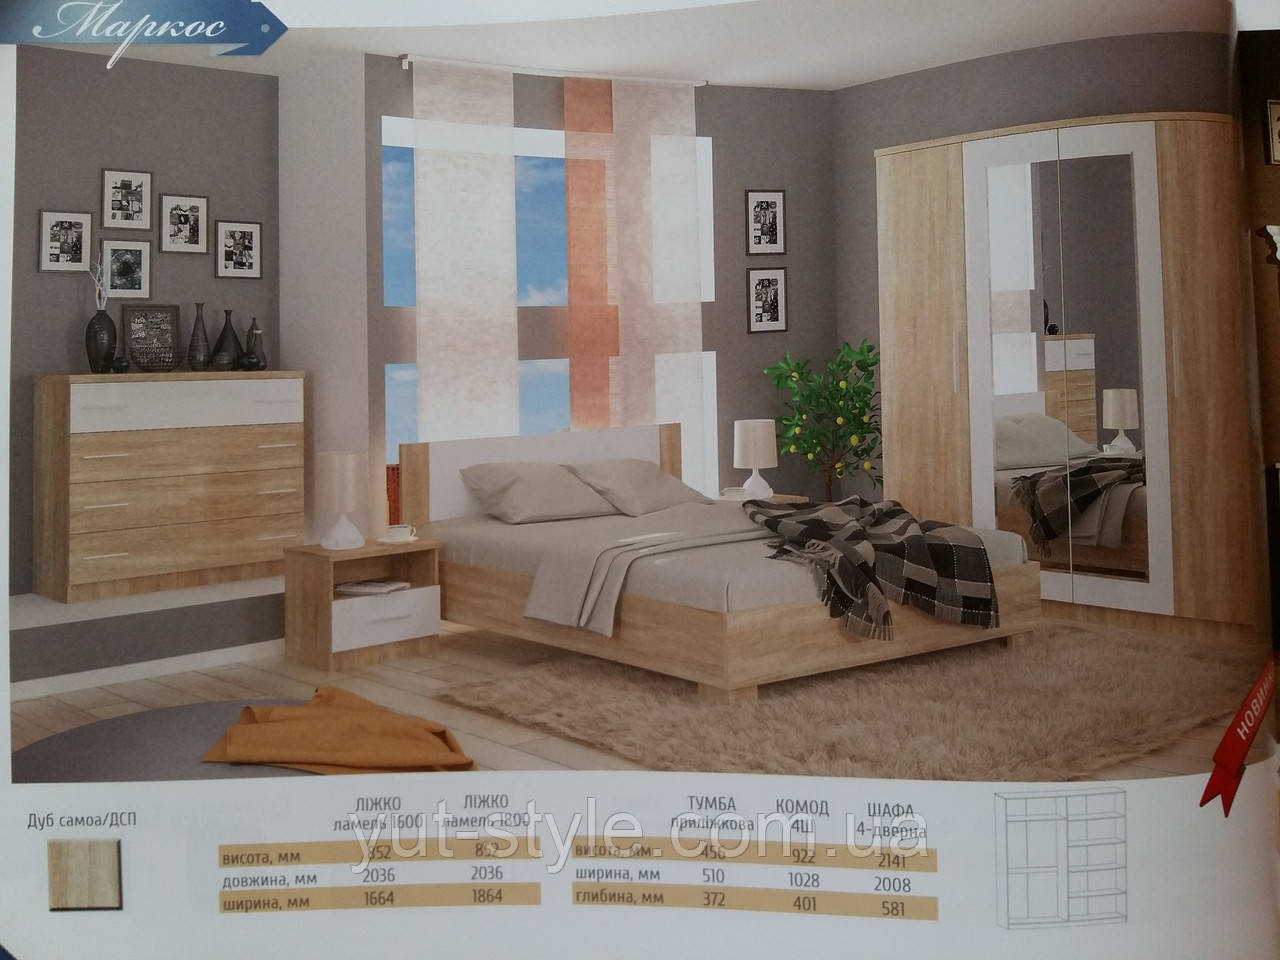 спальня маркос цена 686 грн купить в одессе Promua Id